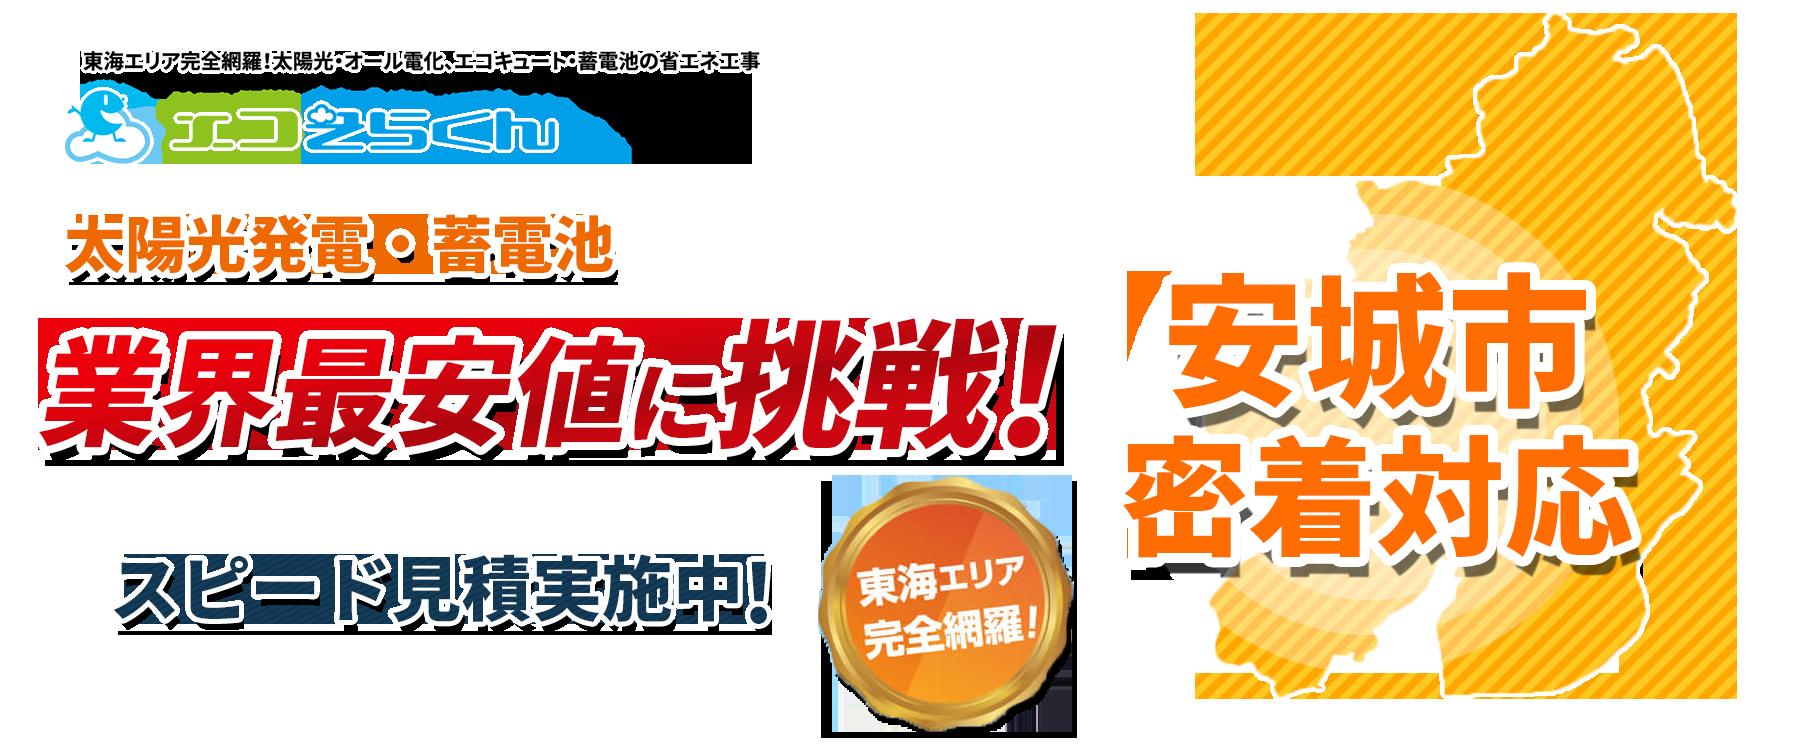 愛知県安城市密着対応!